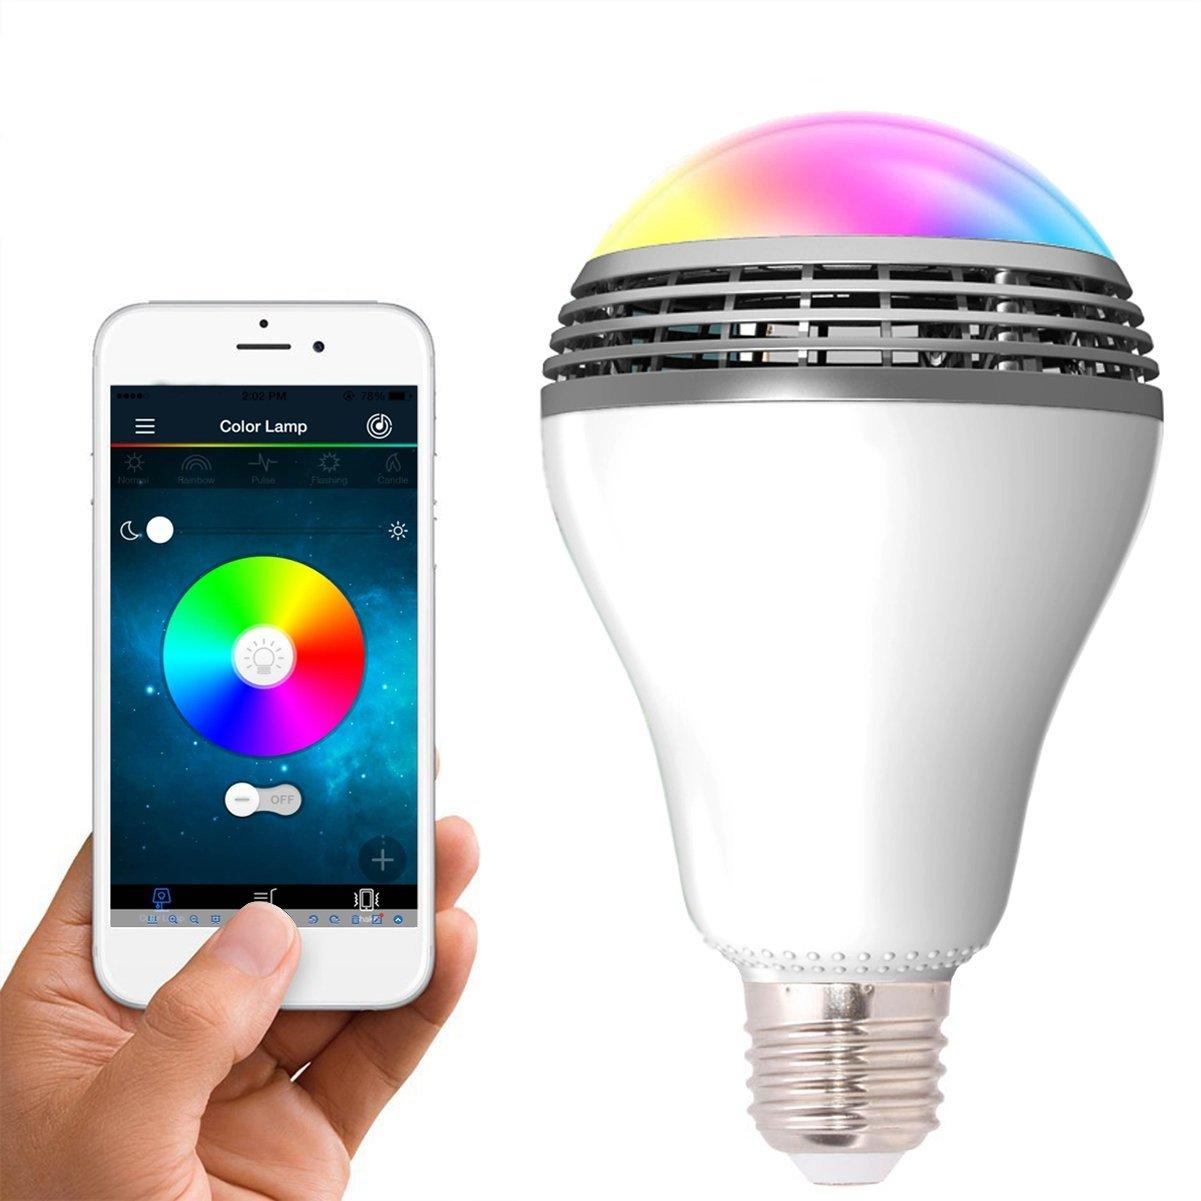 หลอดไฟ LED อัจฉริยะ เปลี่ยนสีได้ ฟังเพลงได้ เชื่อมต่อผ่าน bluetooth สั่งงานผ่านโทรศัพท์มือถือ